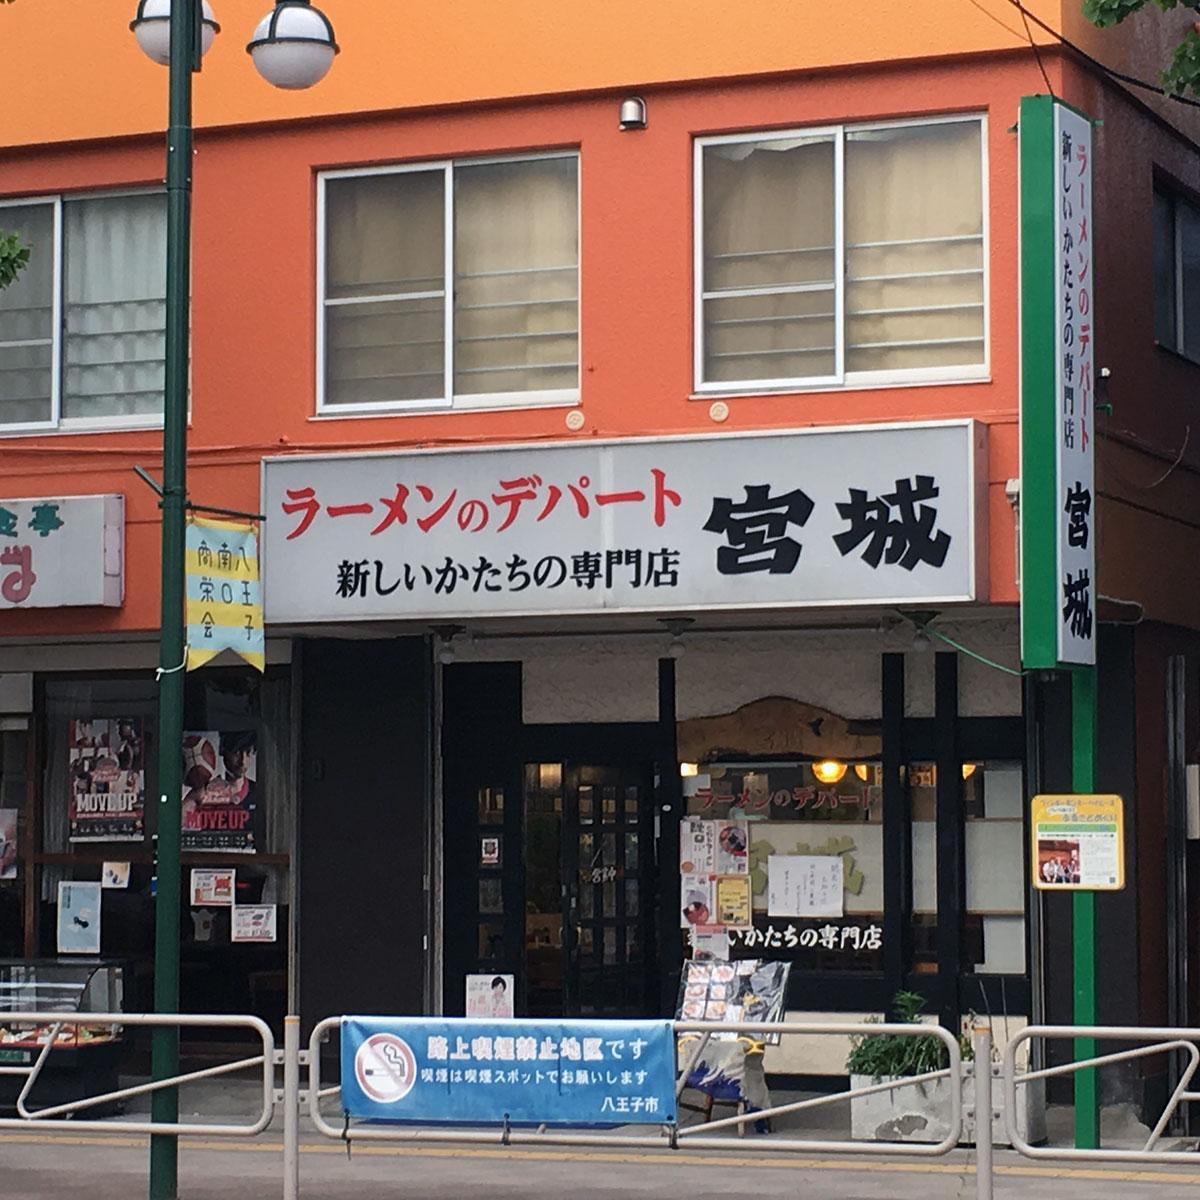 5月15日に閉店する「ラーメンのデパート 宮城」